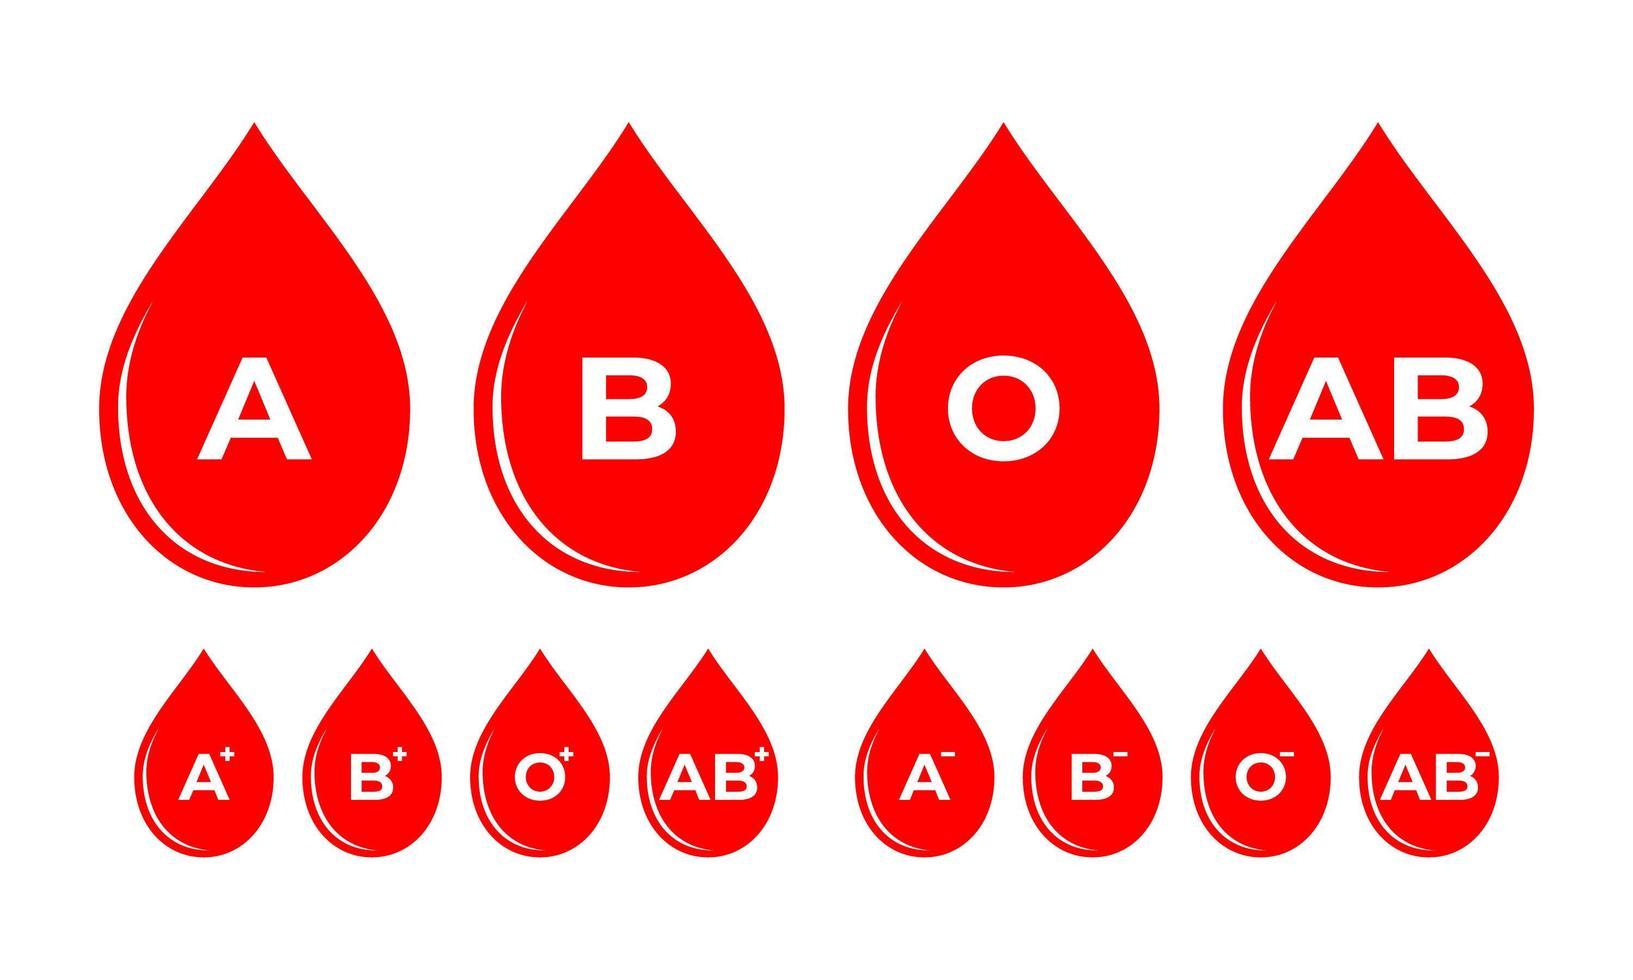 gruppo sanguigno completo di rh vettore